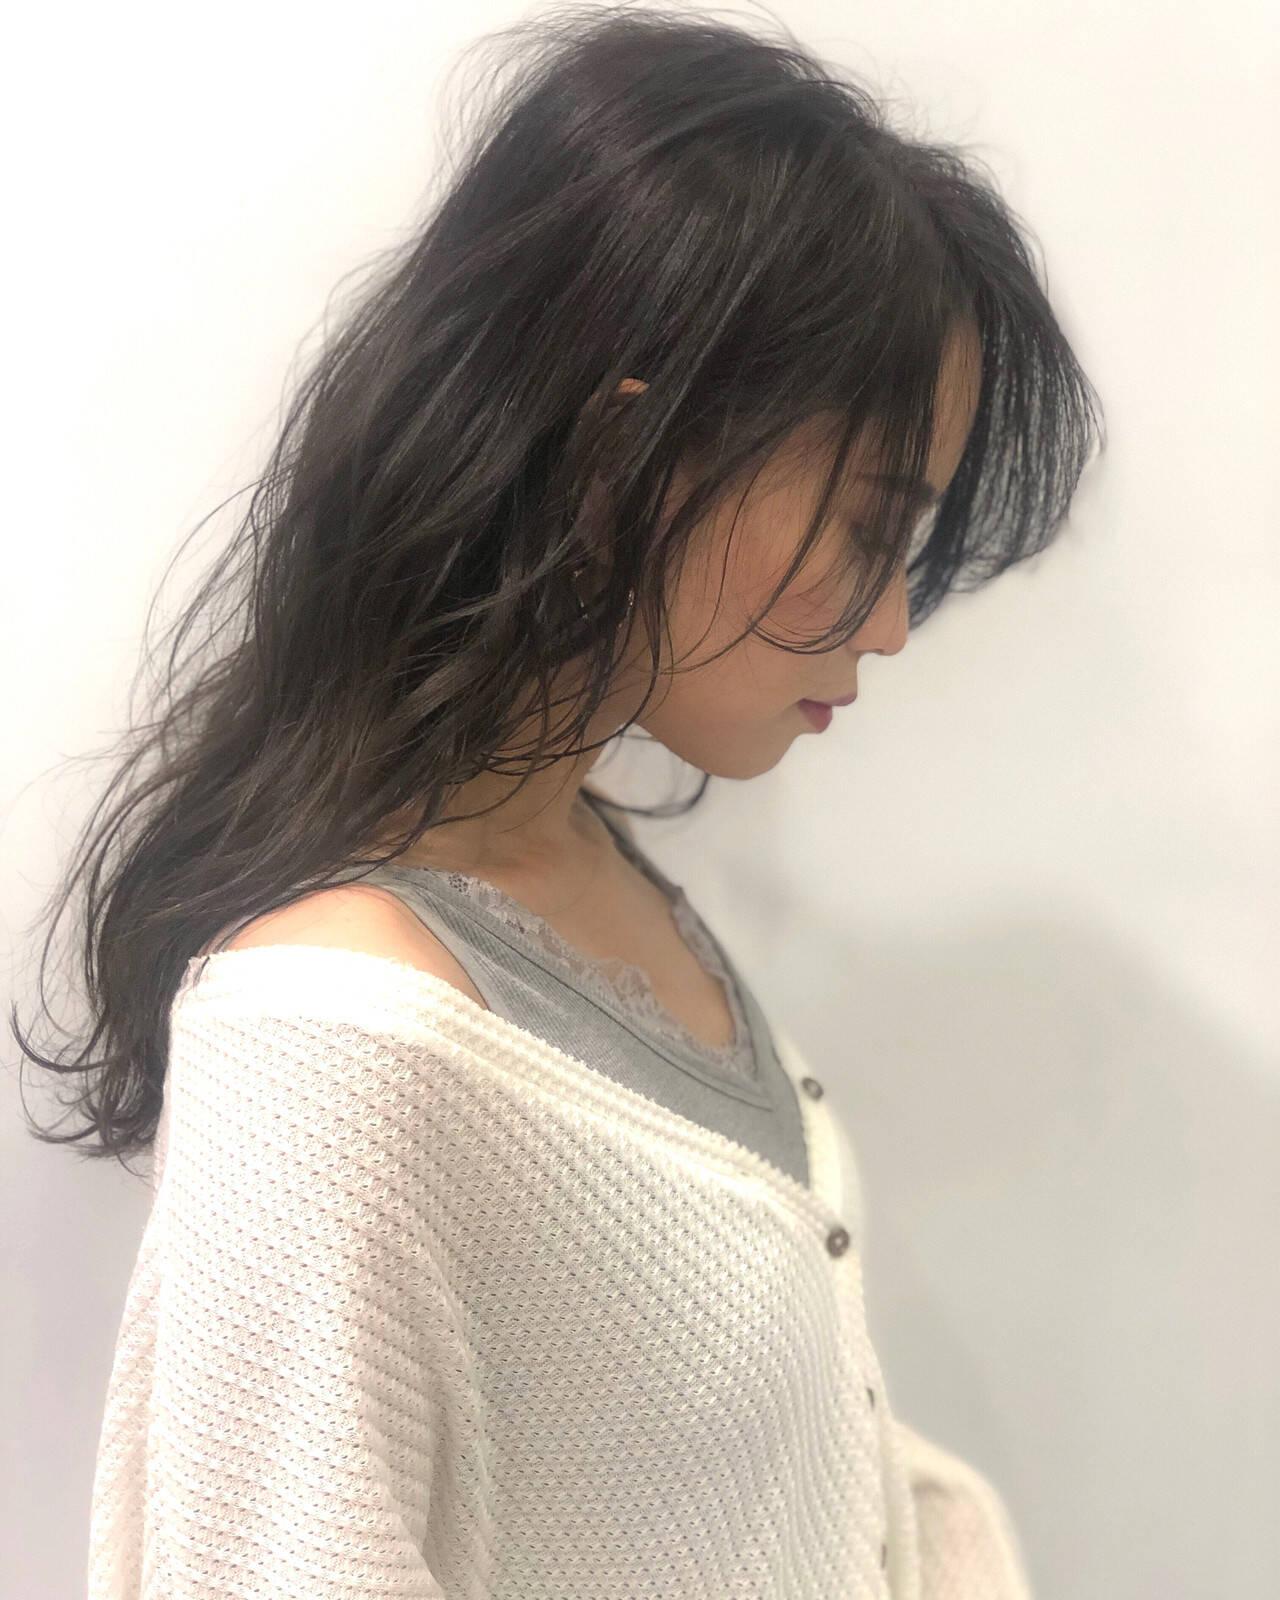 ナチュラル セミロング 波ウェーブ グレージュヘアスタイルや髪型の写真・画像